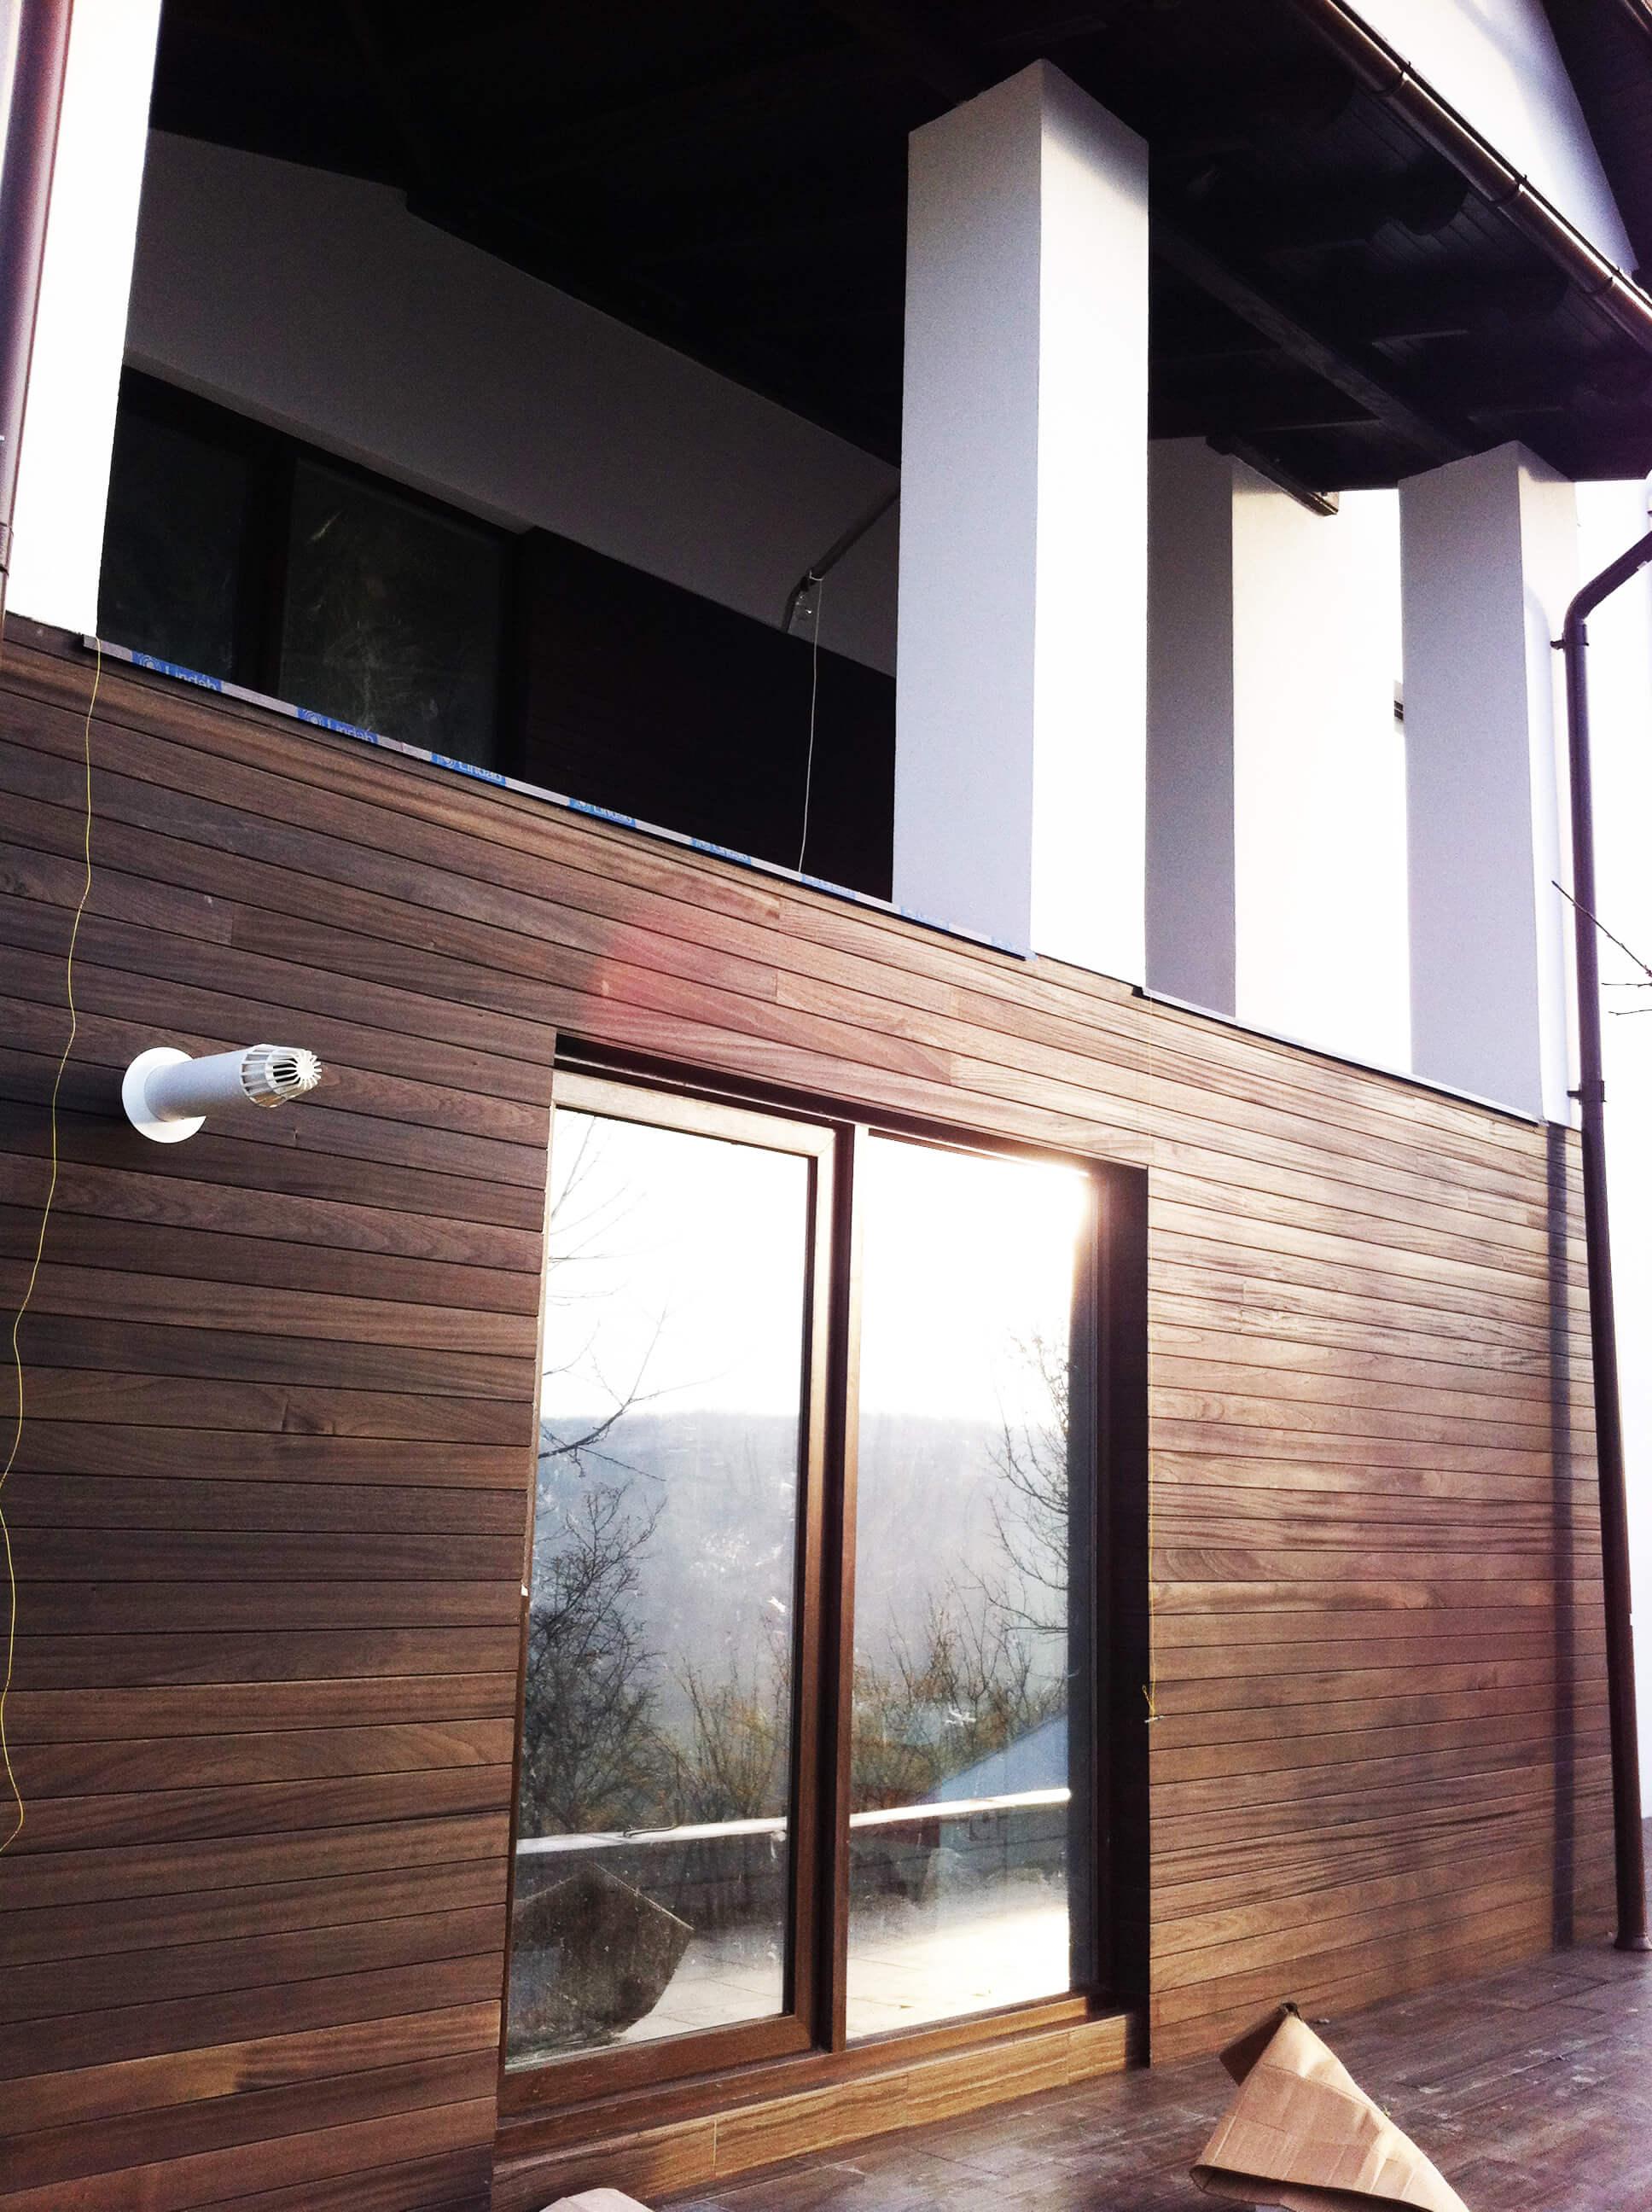 Finisari din lemn, fatada ventilata